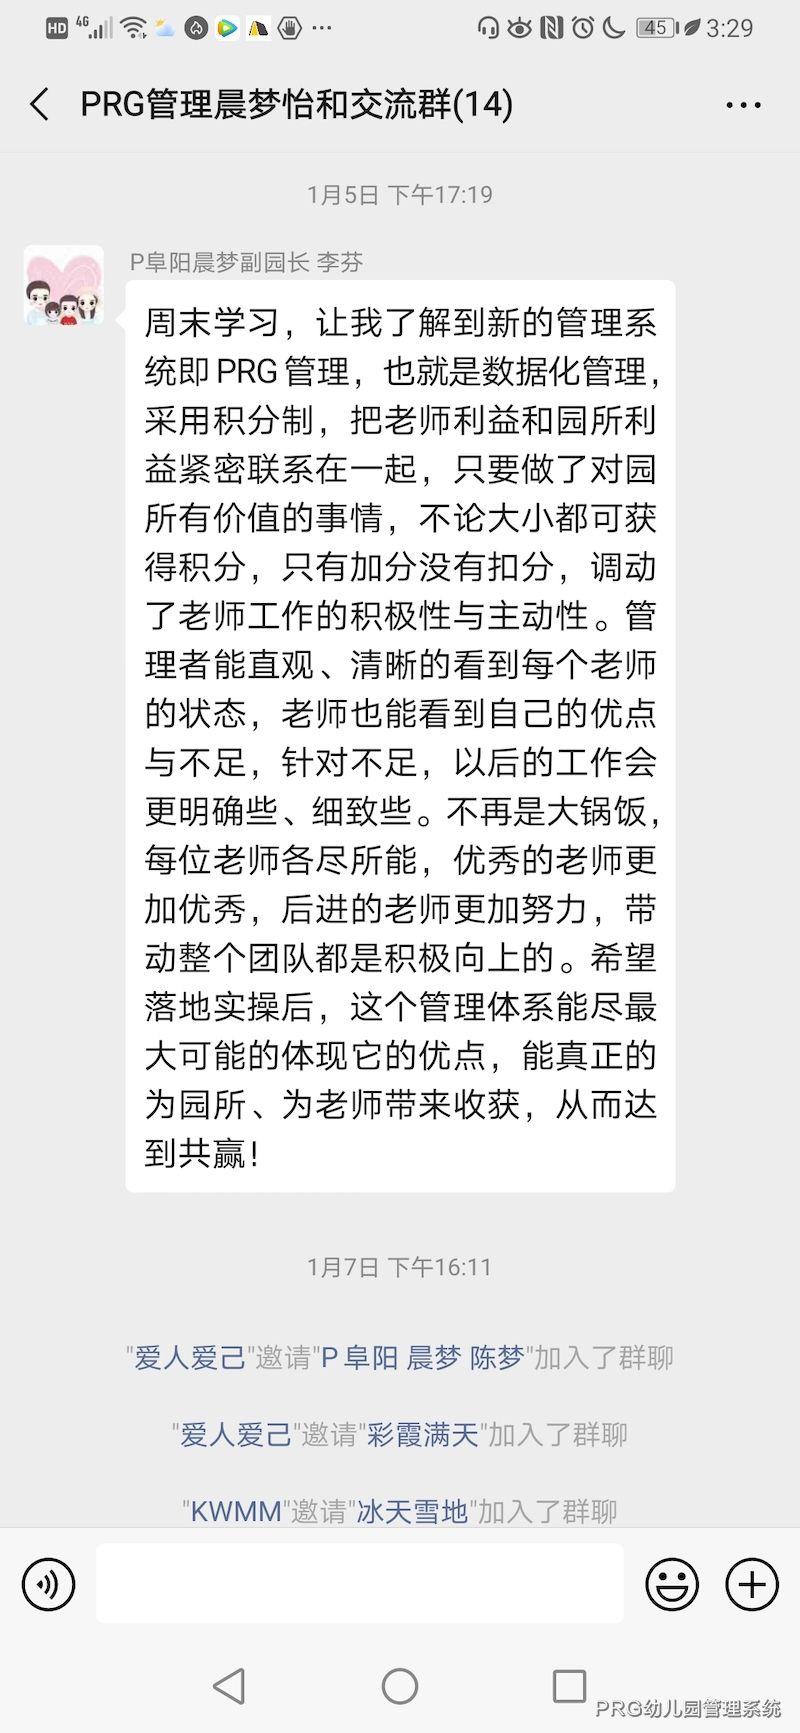 晨梦、怡和幼儿园PRG<a href=https://www.xiaoxianprg.com/ target=_blank class=infotextkey>幼儿园管理系统</a>学习感言分享1